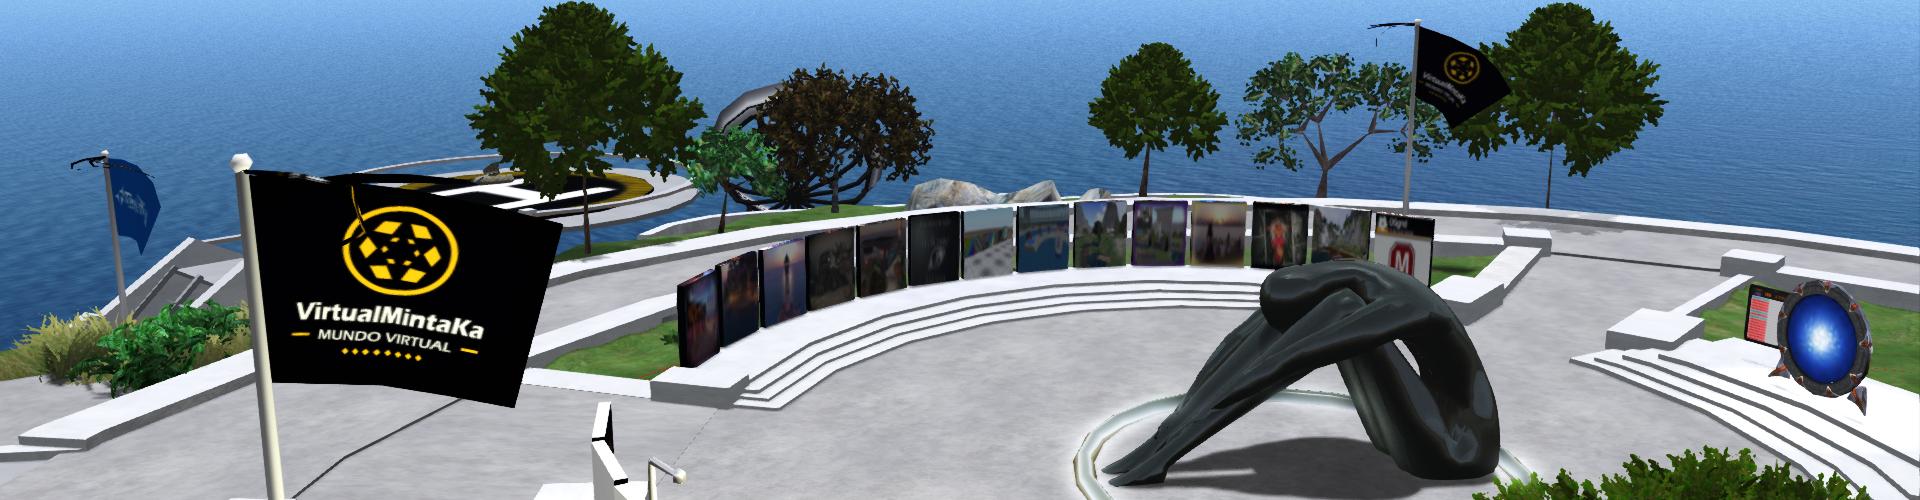 virtualmintaka-opensim-plaza-de-teleportes-y-otros-grids